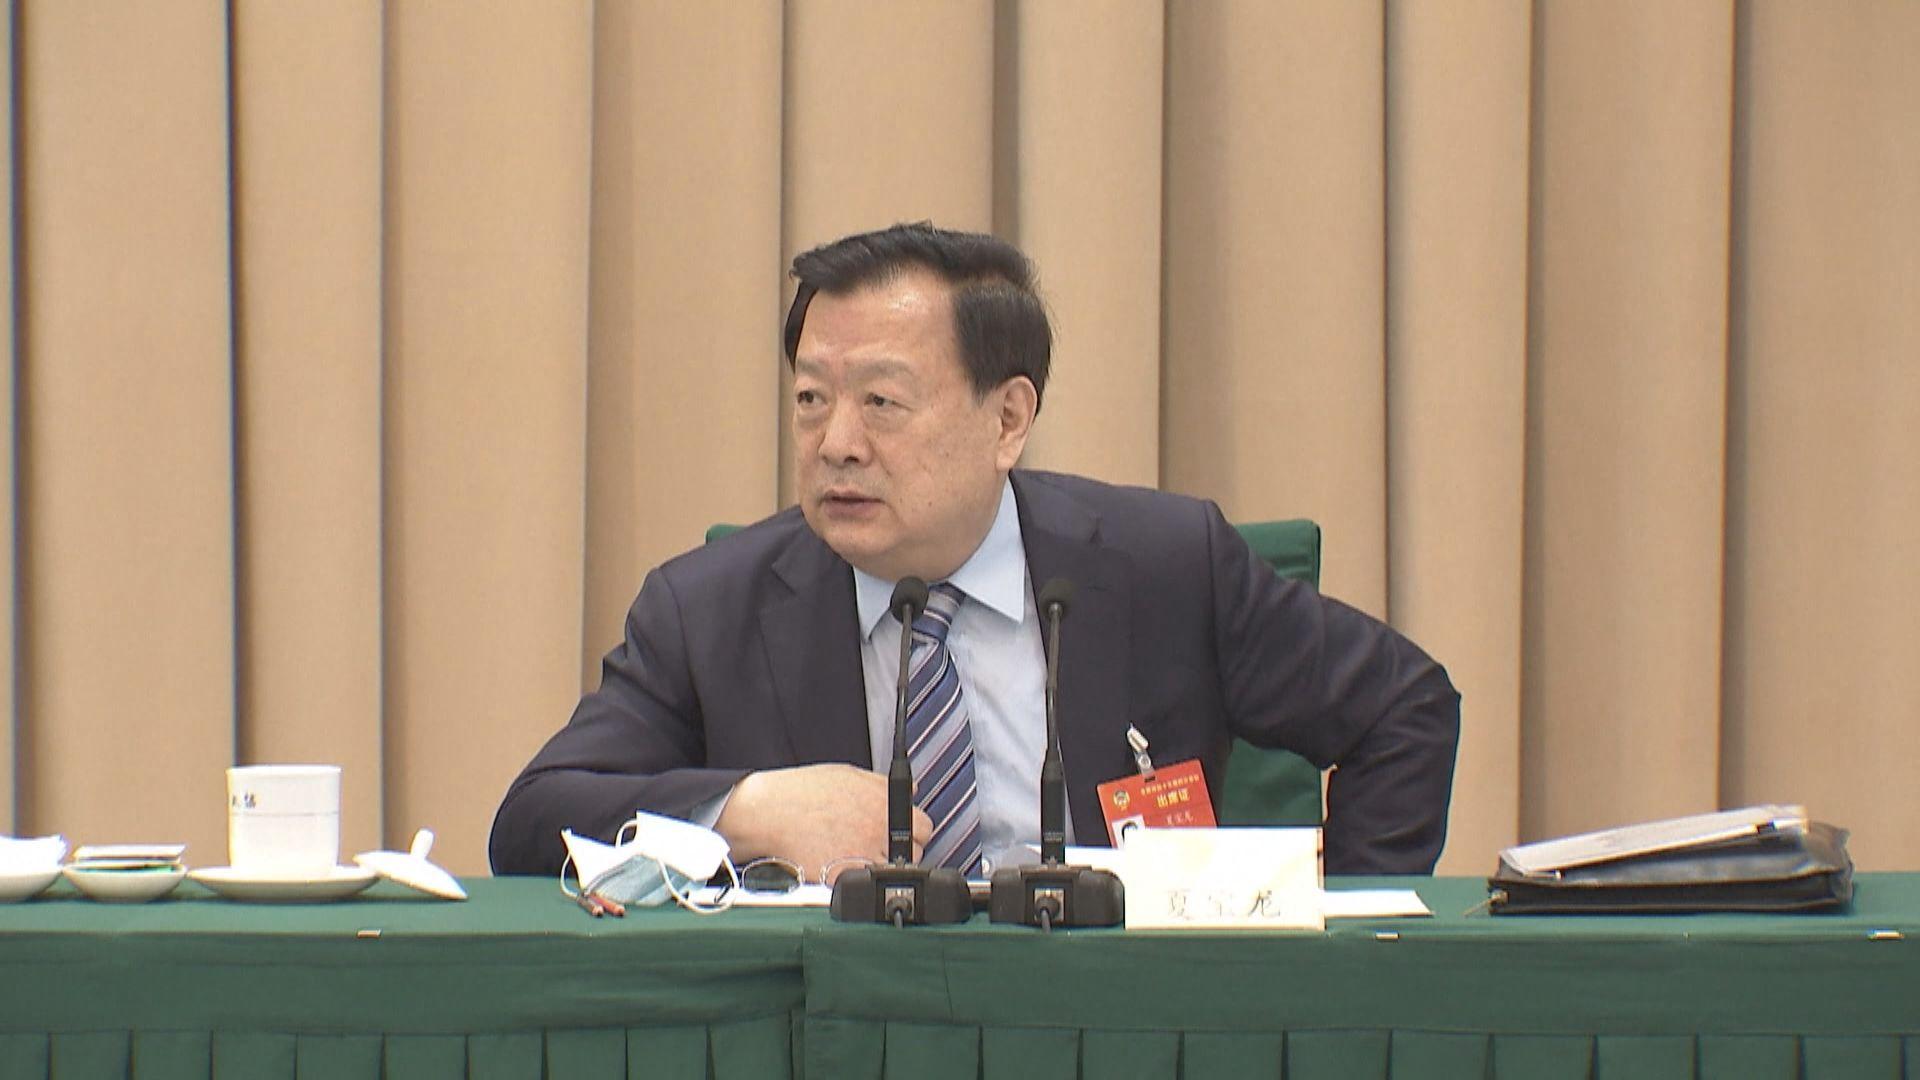 夏寶龍︰國安法扭轉香港亂局 社會逐步安定